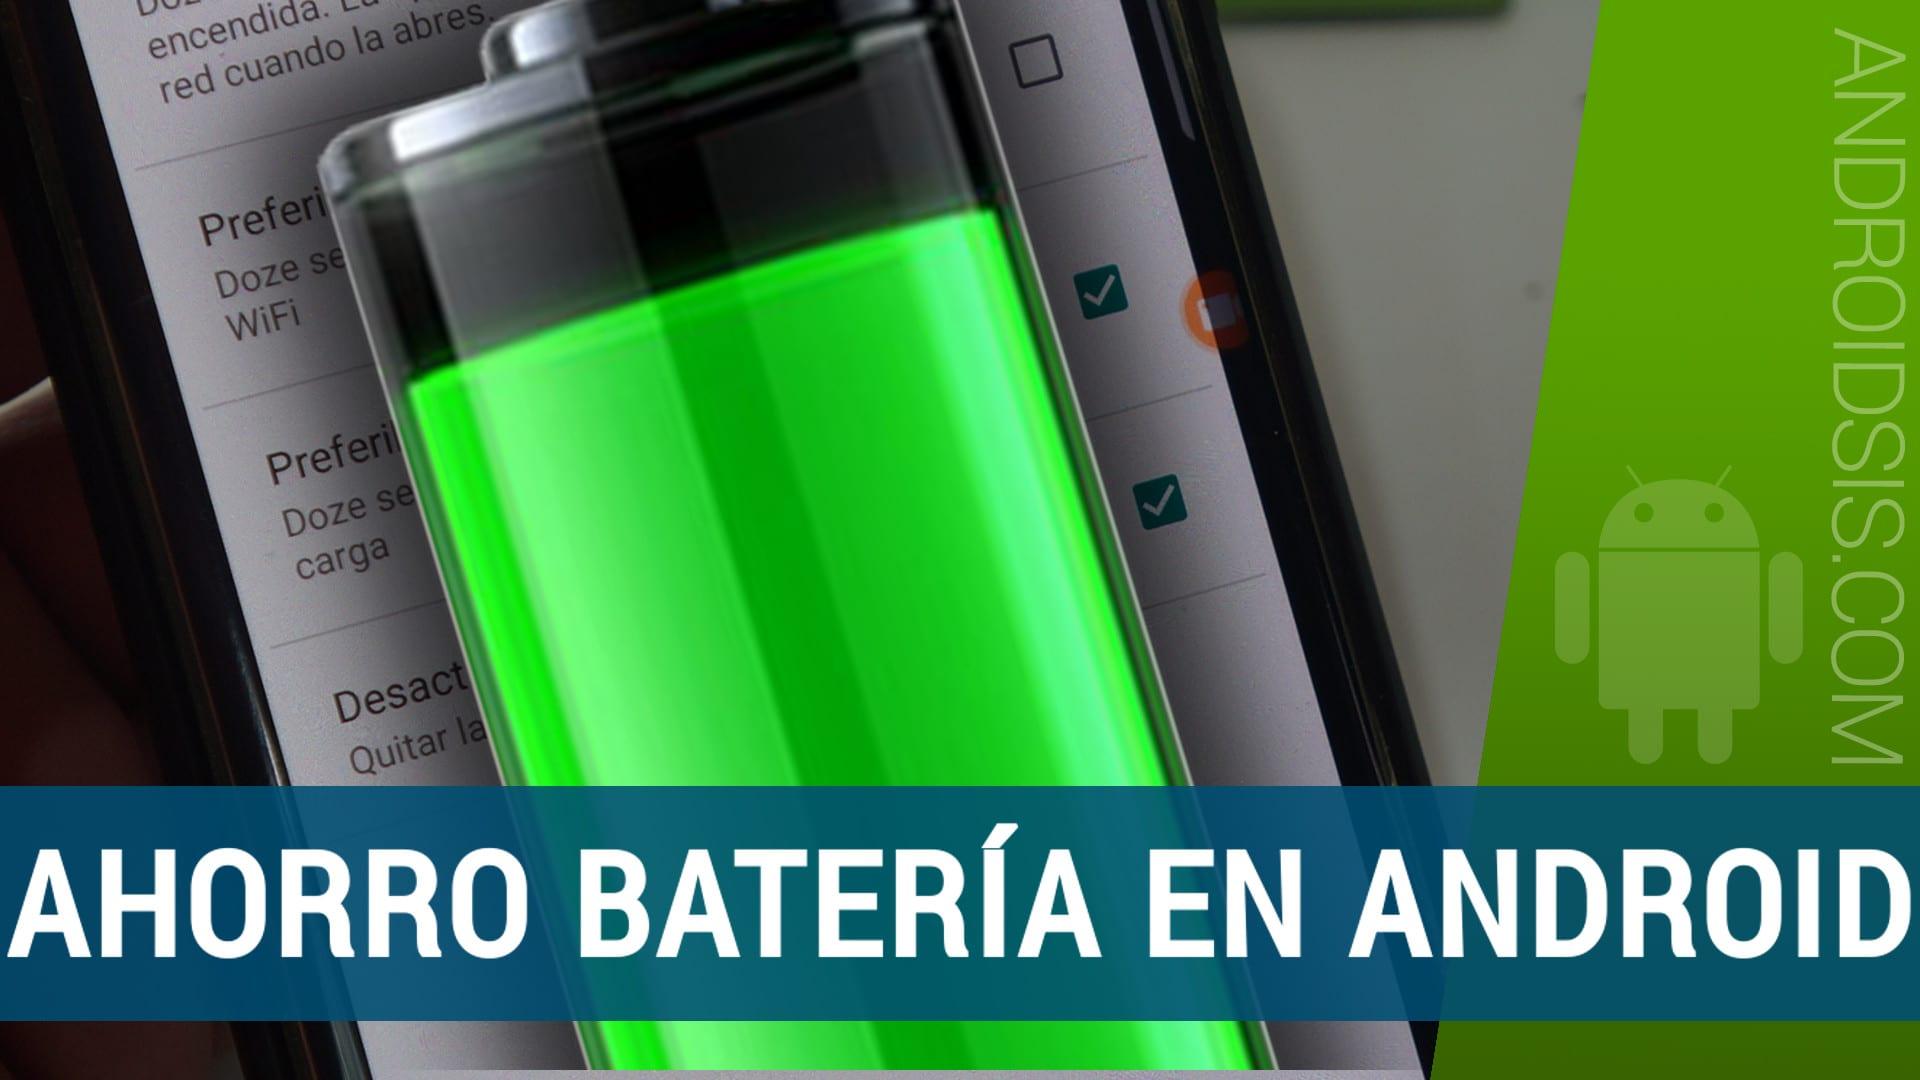 Ahorrar mucha batería en Android